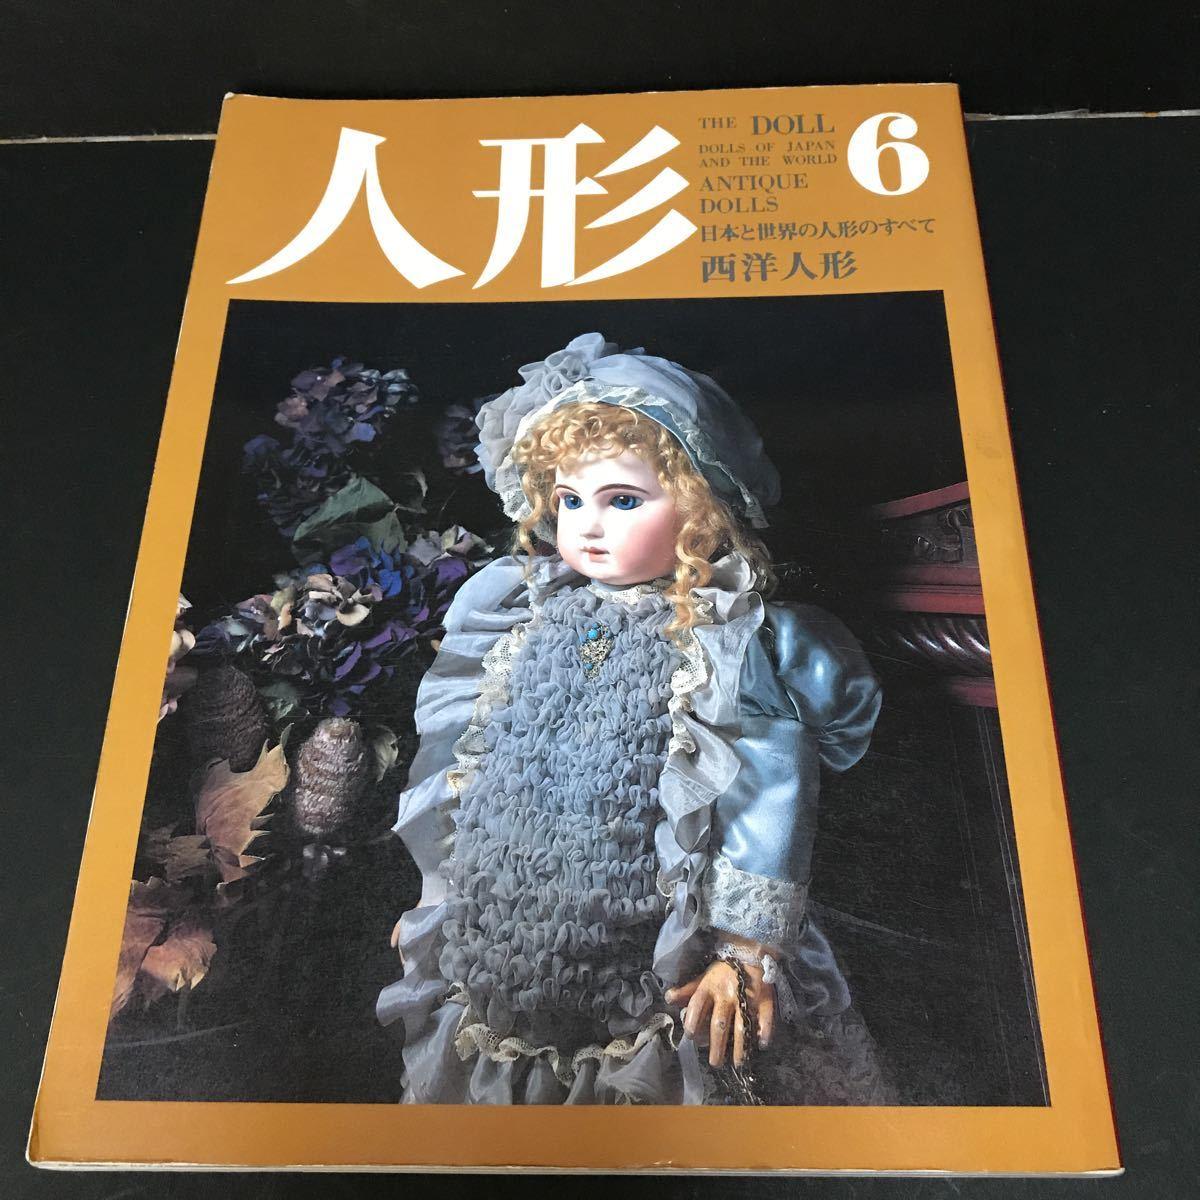 ビスクドール 書籍 人形 昭和61年発行 美品_画像1